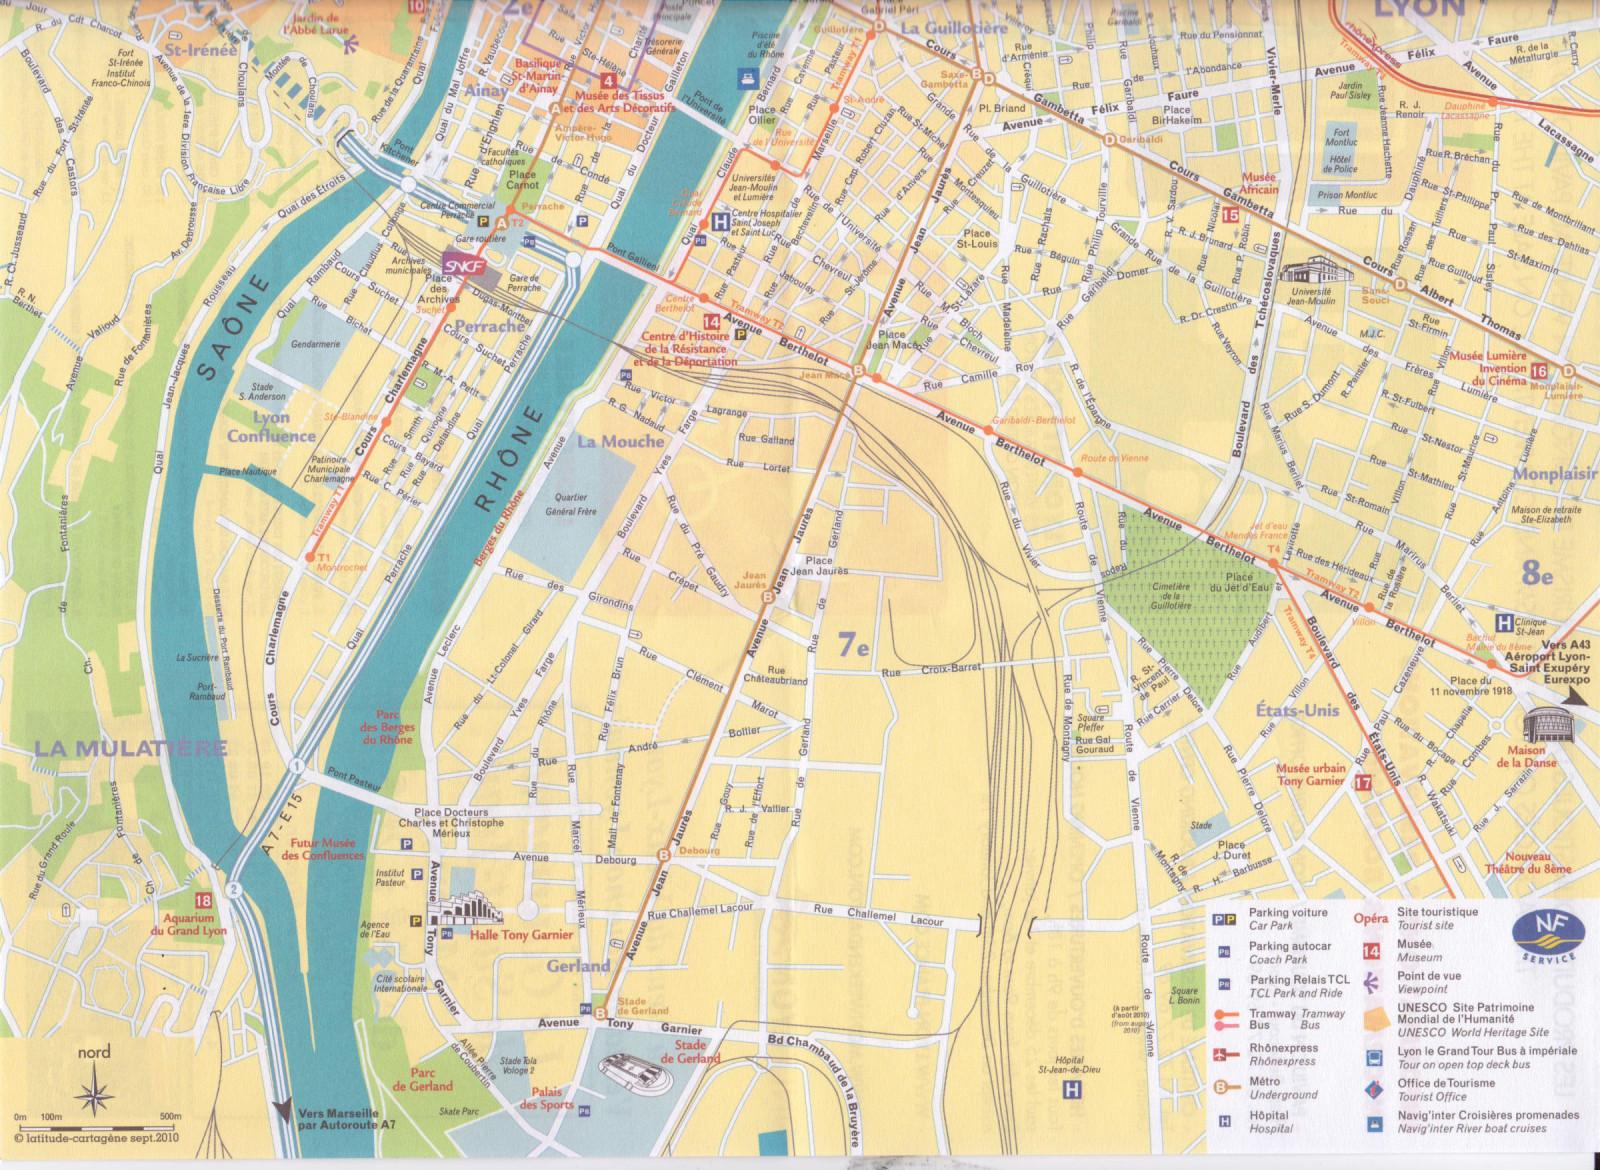 Le guide de la ville de Lyon | CosmoLyon.fr – Découvrez Lyon et